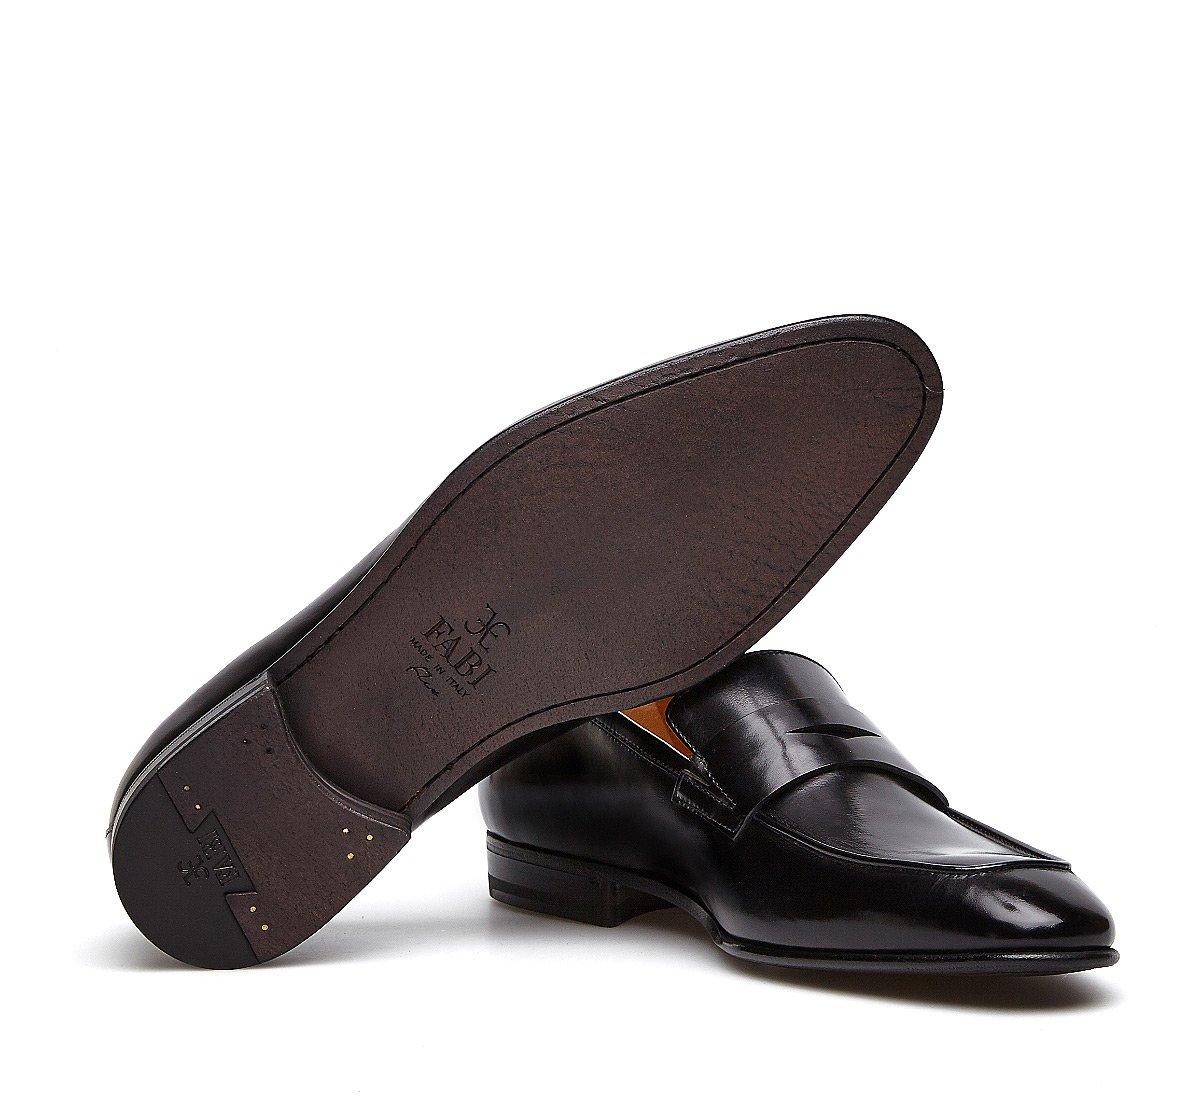 Fabi Flex soft calfskin moccasins